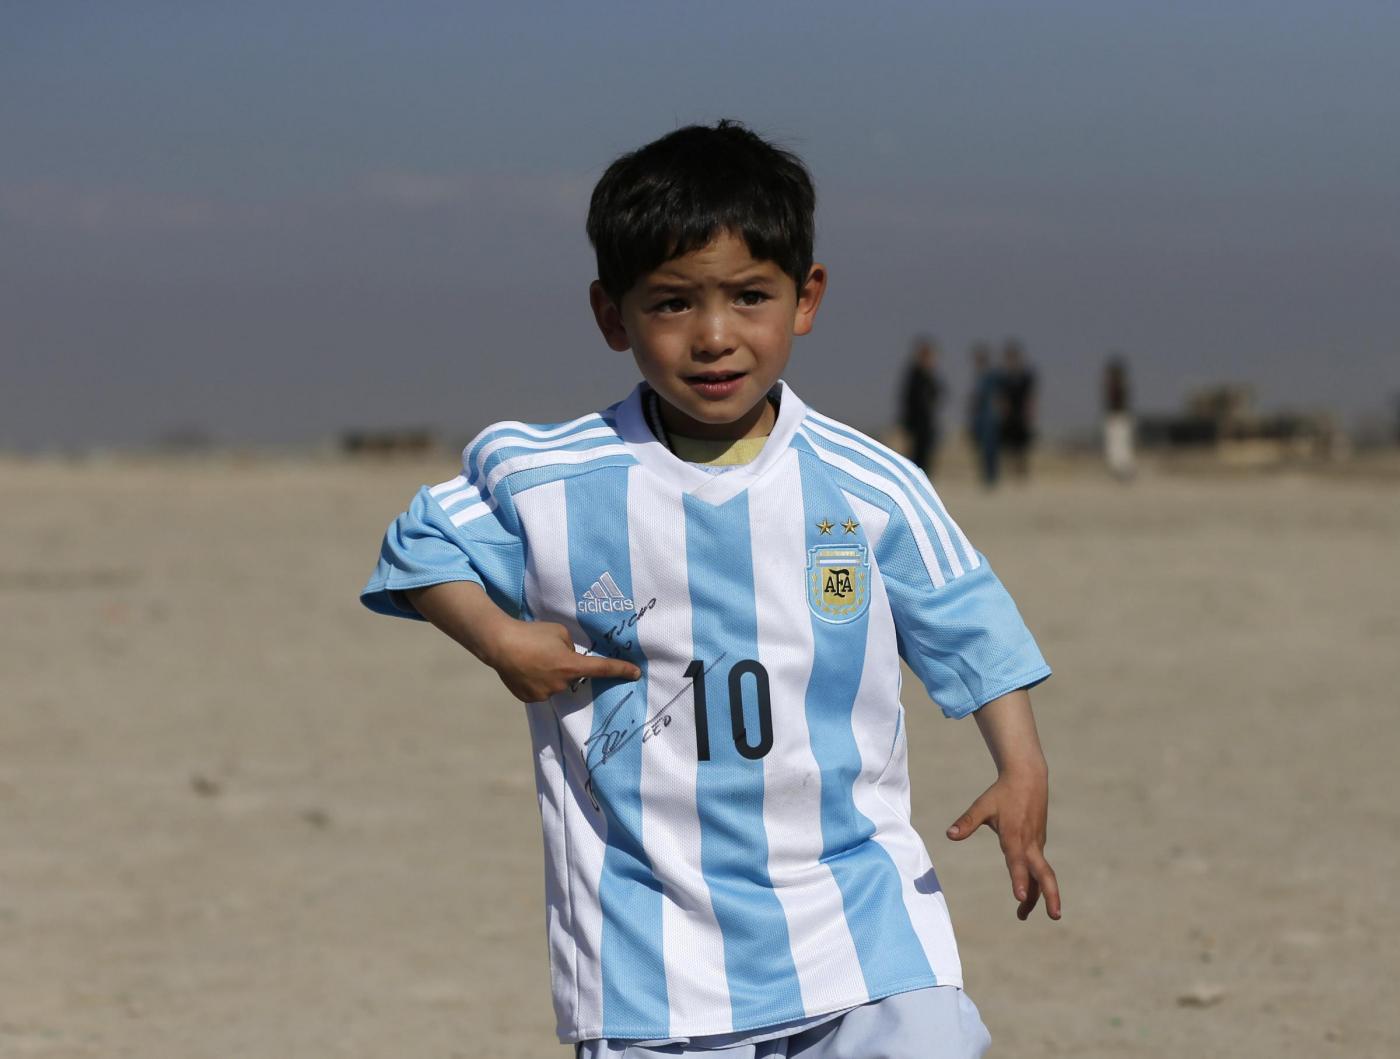 Il bambino afgano realizza il suo sogno e abbraccia l'argentino